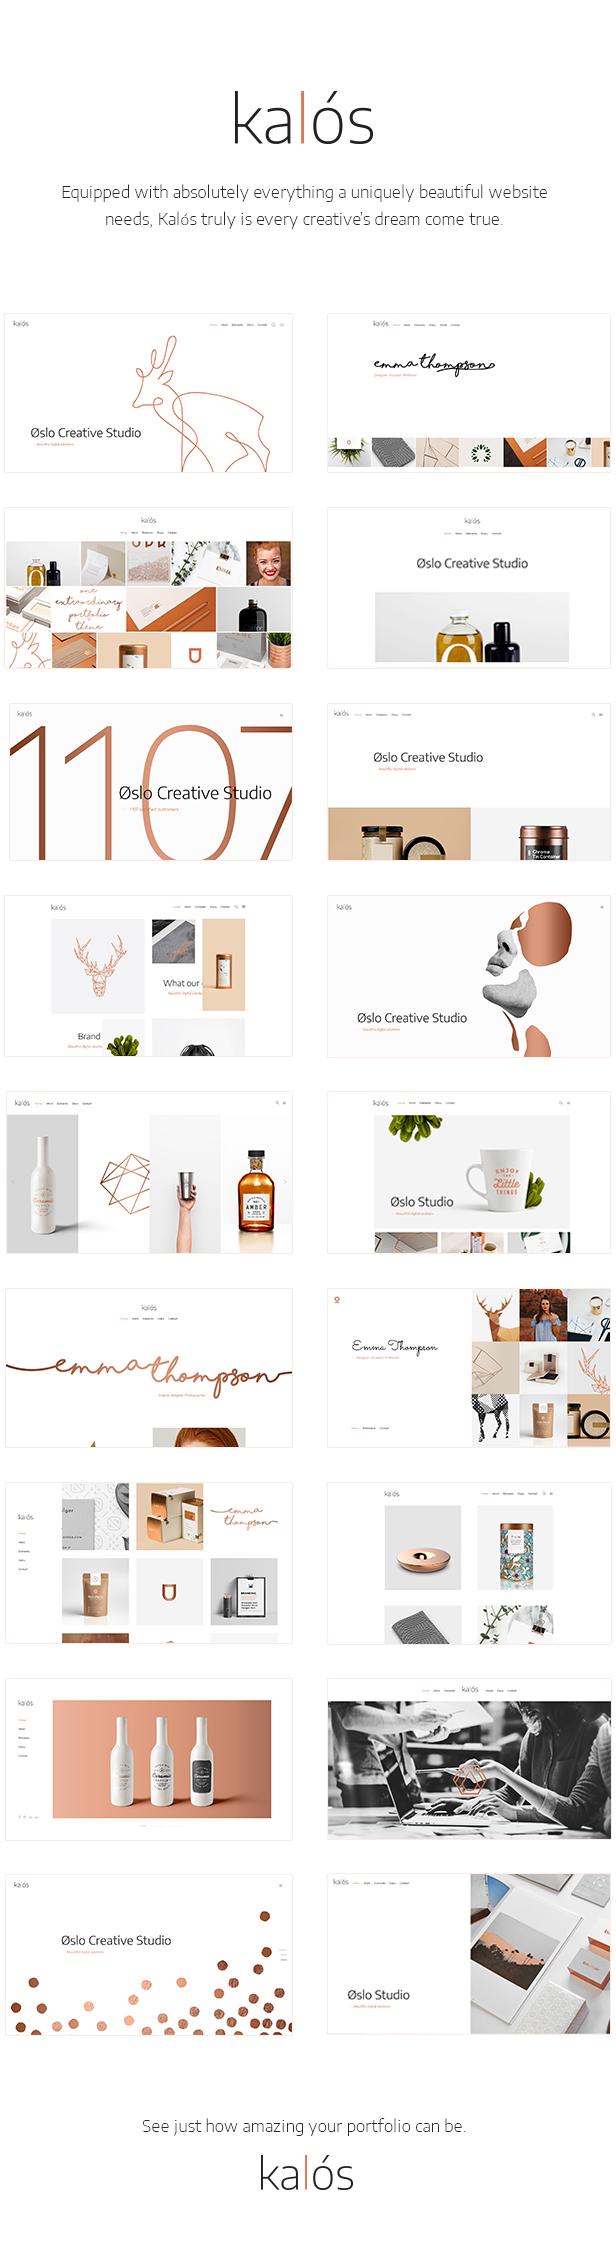 Kalόs - Ein sauberes Multi-Concept-Portfolio-Thema